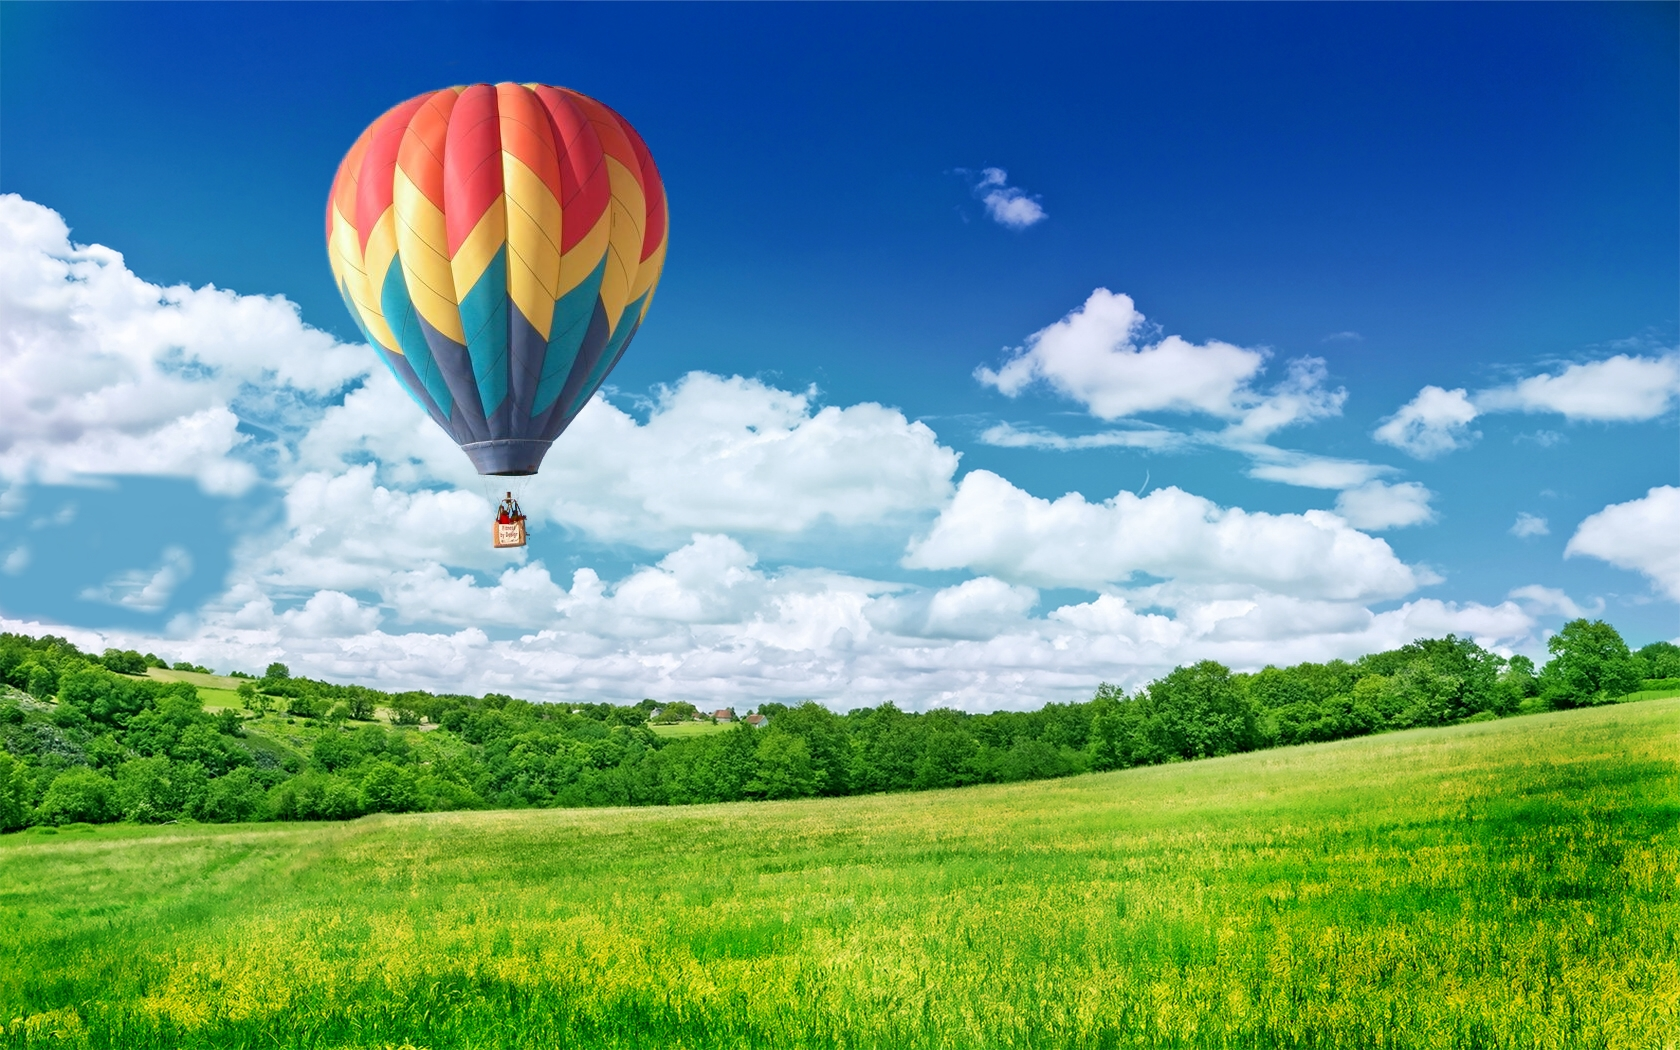 Air Balloon Wallpapers Hot Air Balloon Hd Wallpapers Desktop 1680x1050